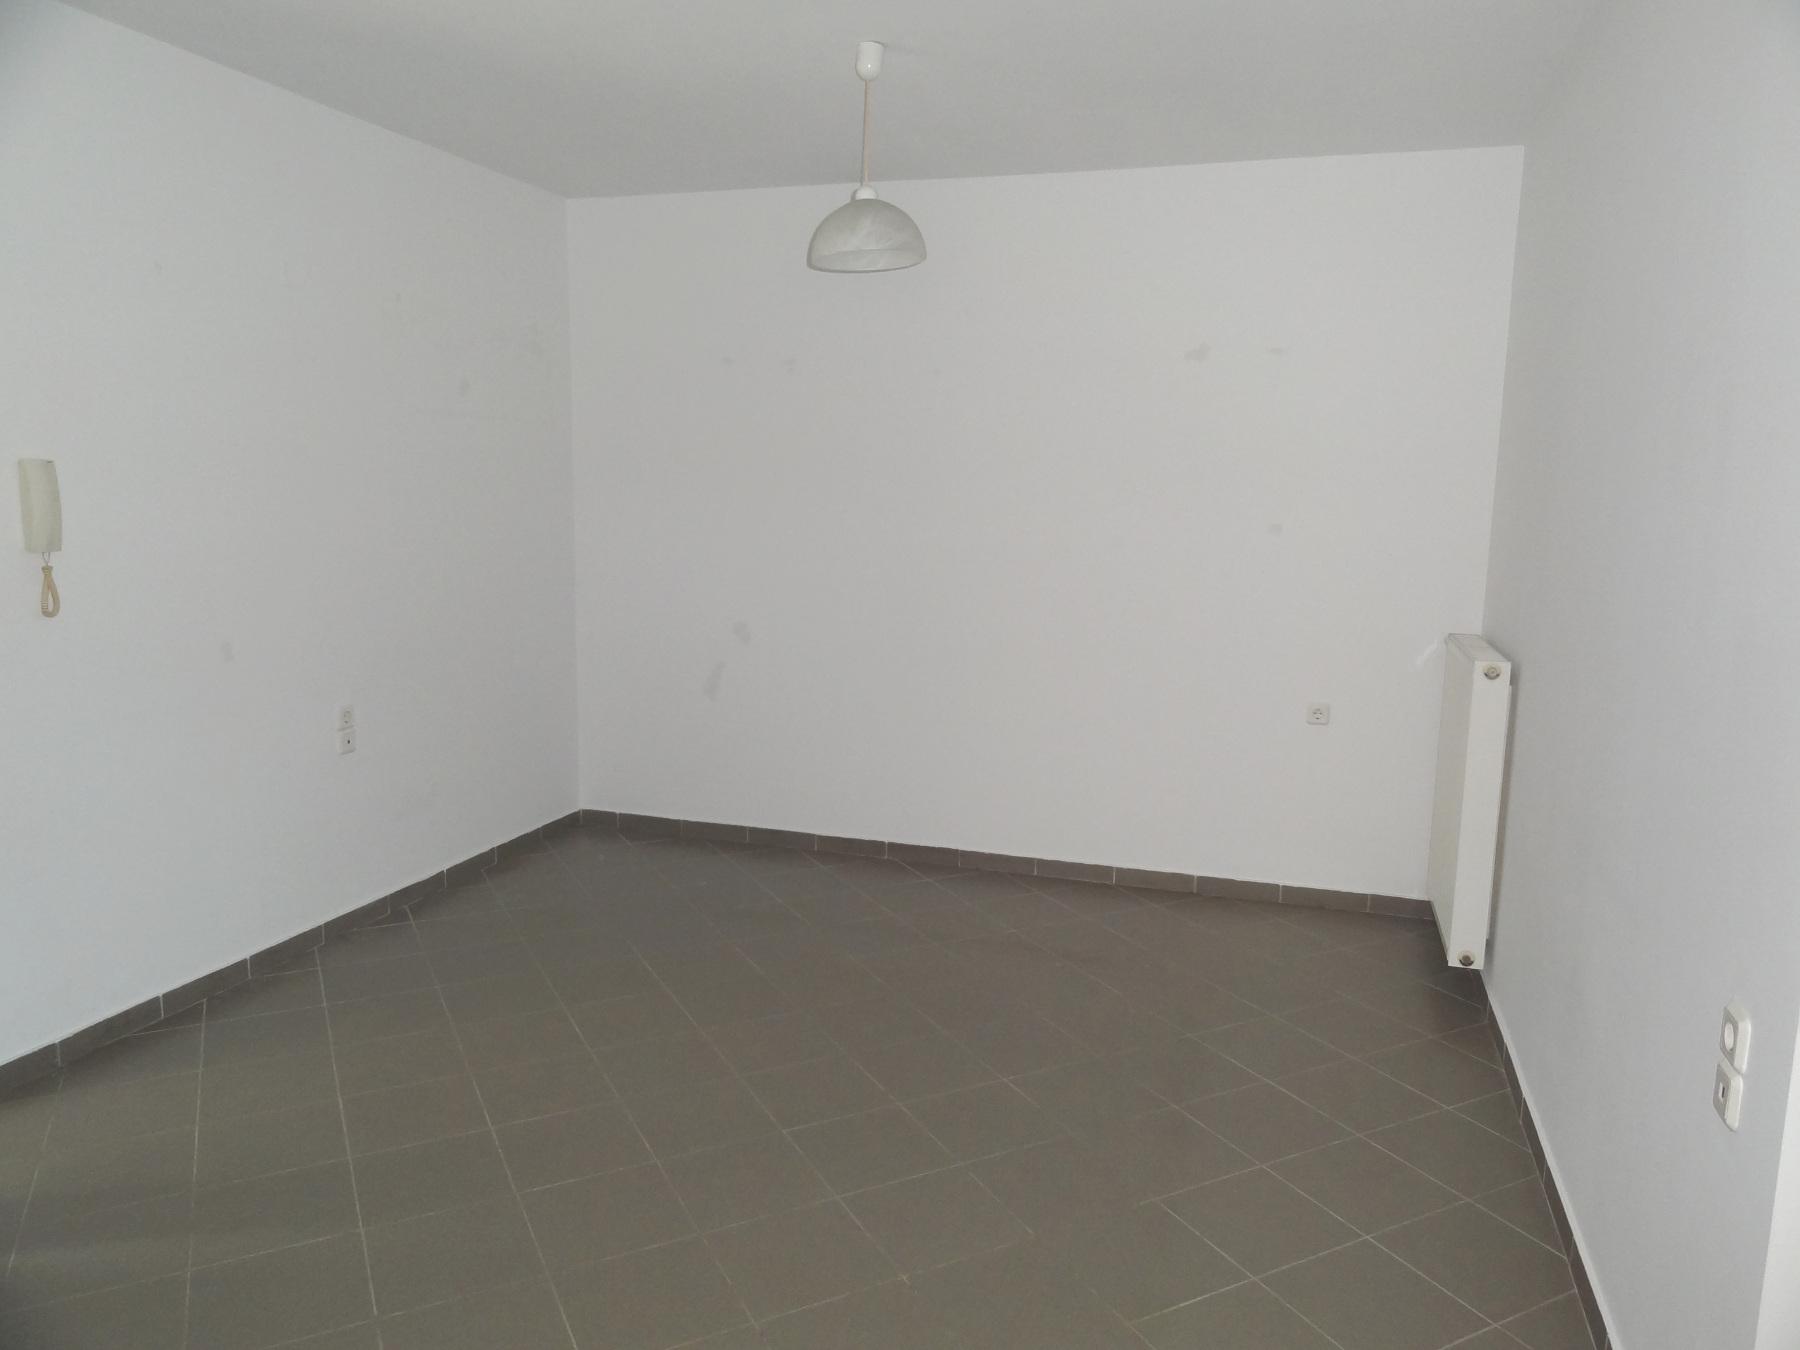 Ενοικιάζεται ισόγειο 2αρι διαμέρισμα 40 τ.μ. στην Εξοχή στα Ιωάννινα κοντά στο νοσοκομείο Χατζηκώστα